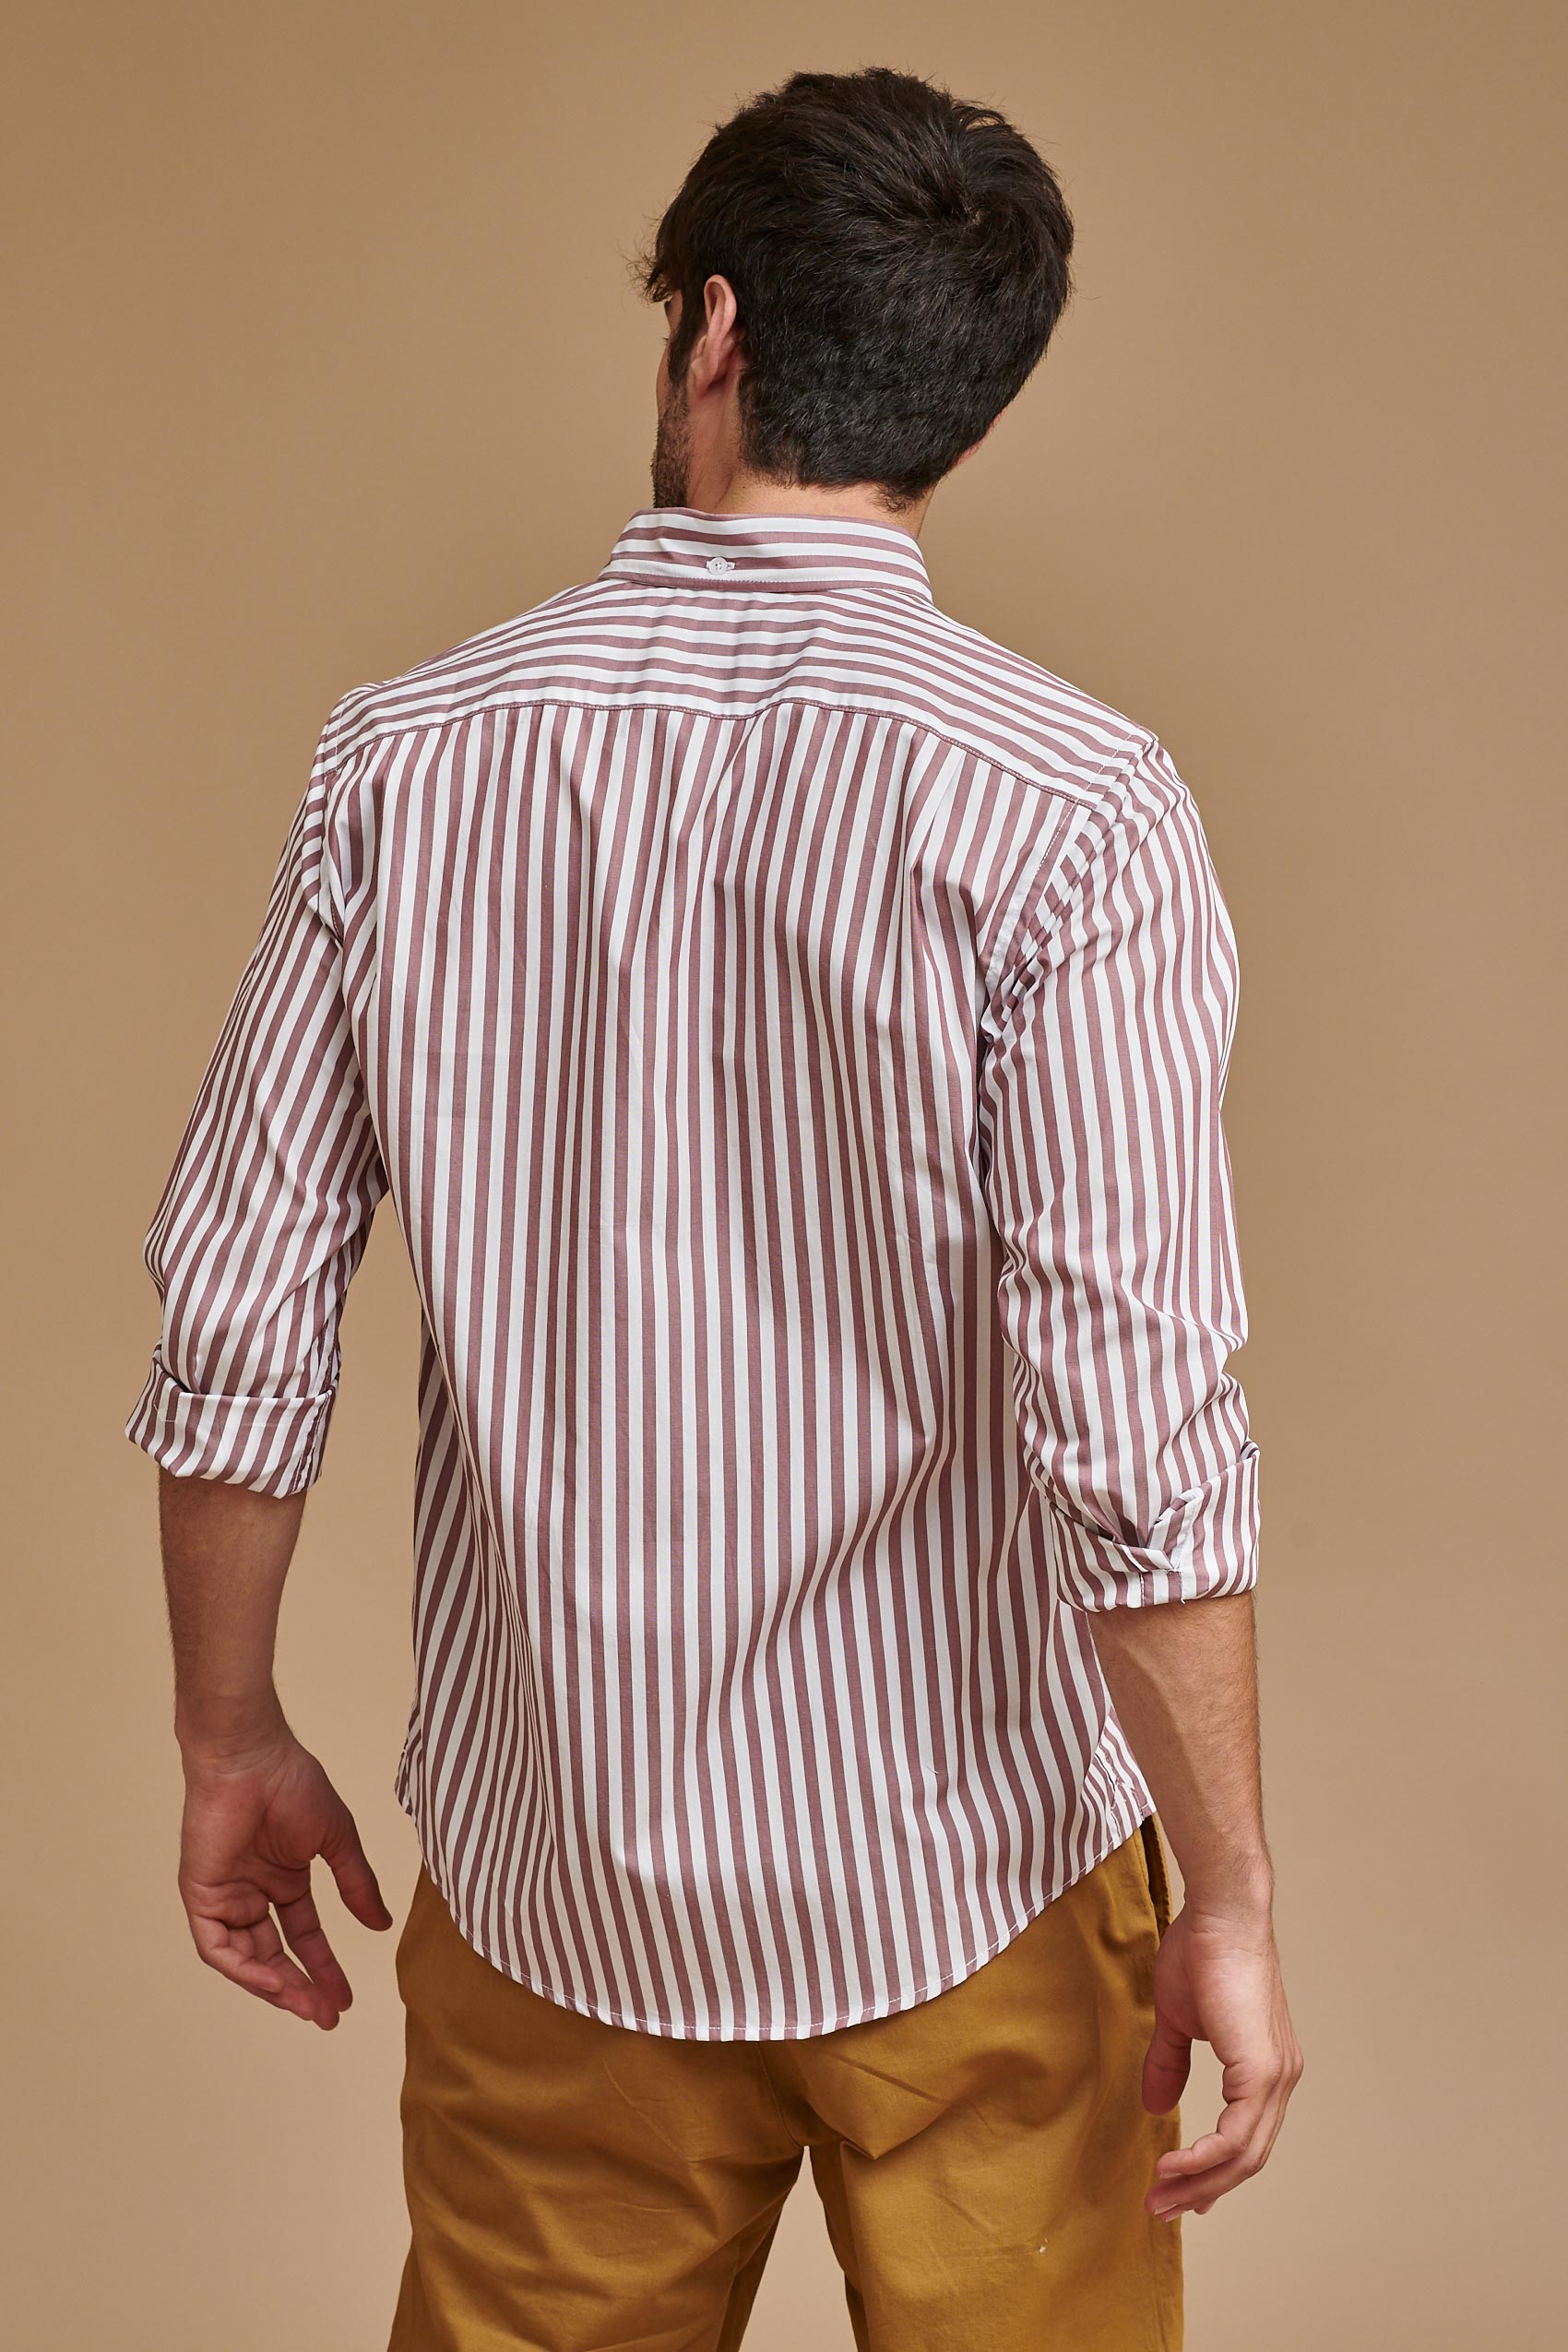 penguin_ls-wide-stripe-shirt-b/d_59-13-2020__picture-15008